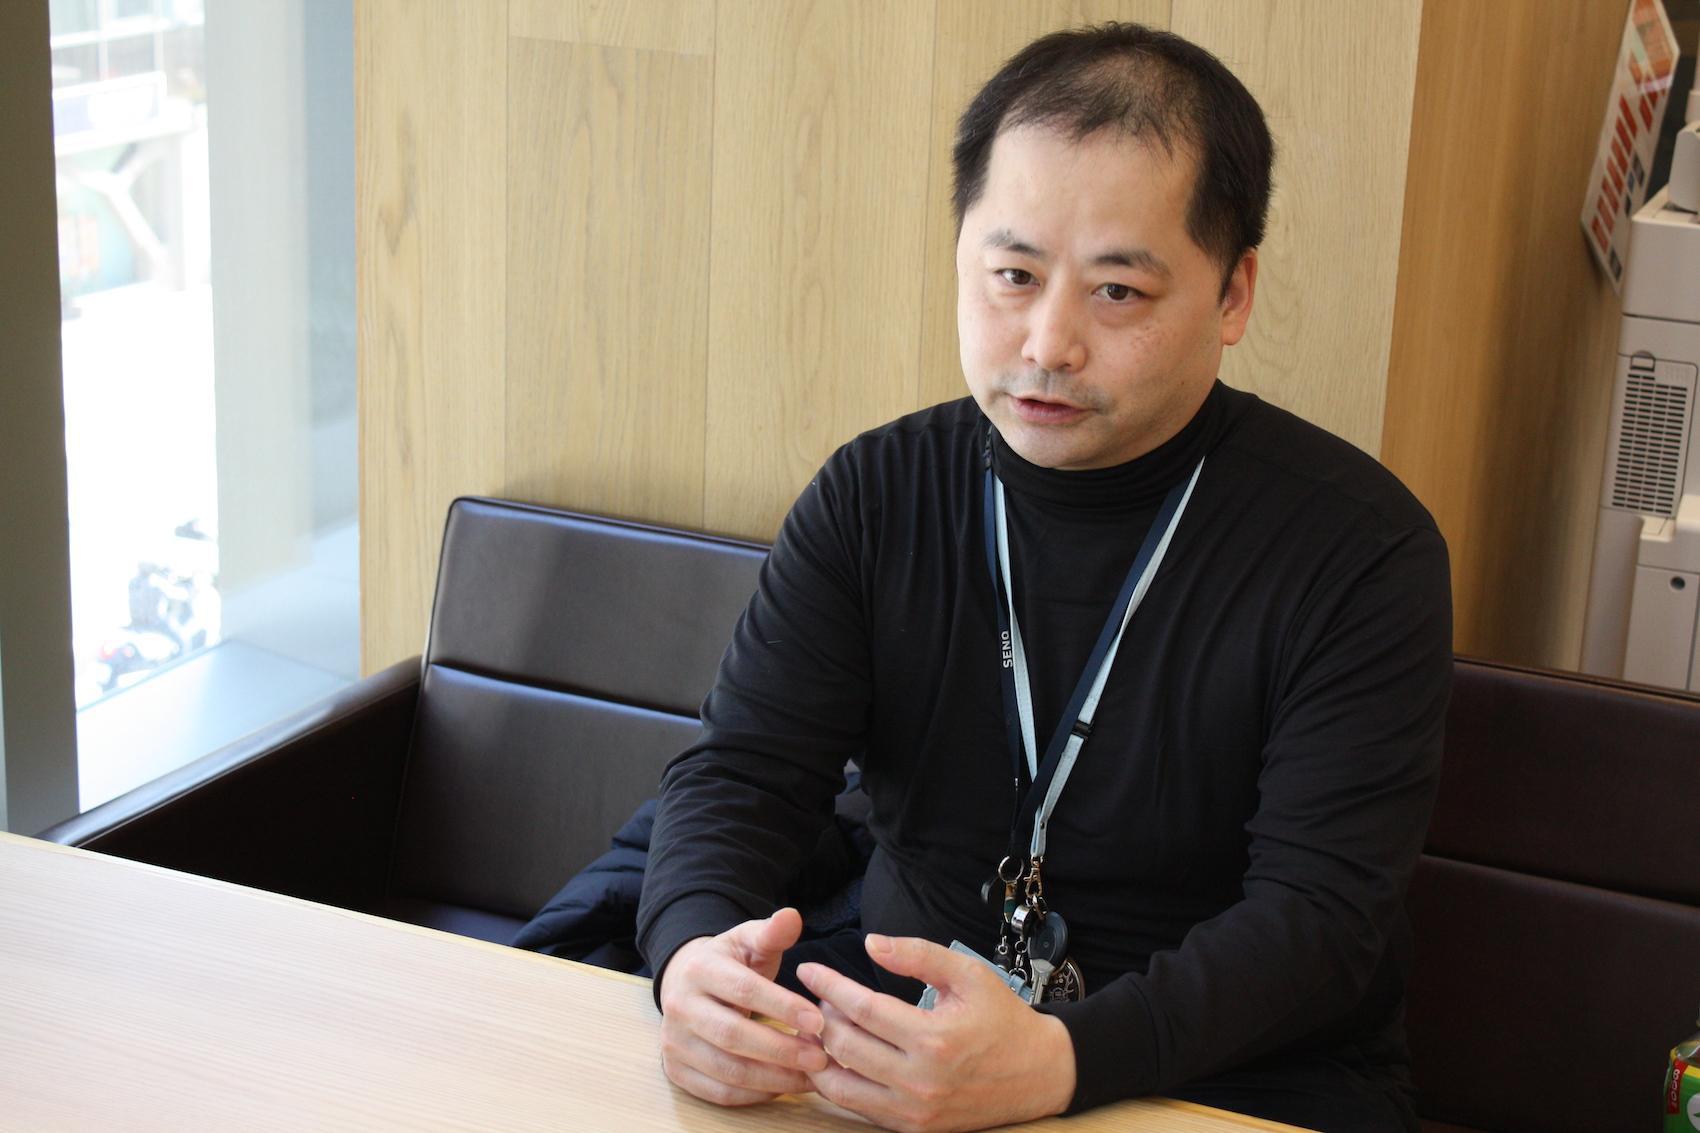 カスタマーサクセスは、サブスクリプションビジネスの源である——西田省人 #私の職業哲学